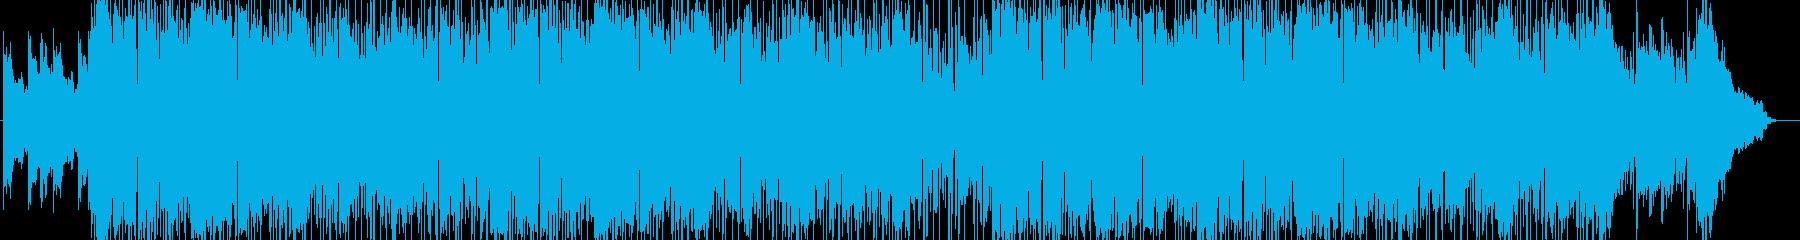 アーバンなチルアウトポップの再生済みの波形